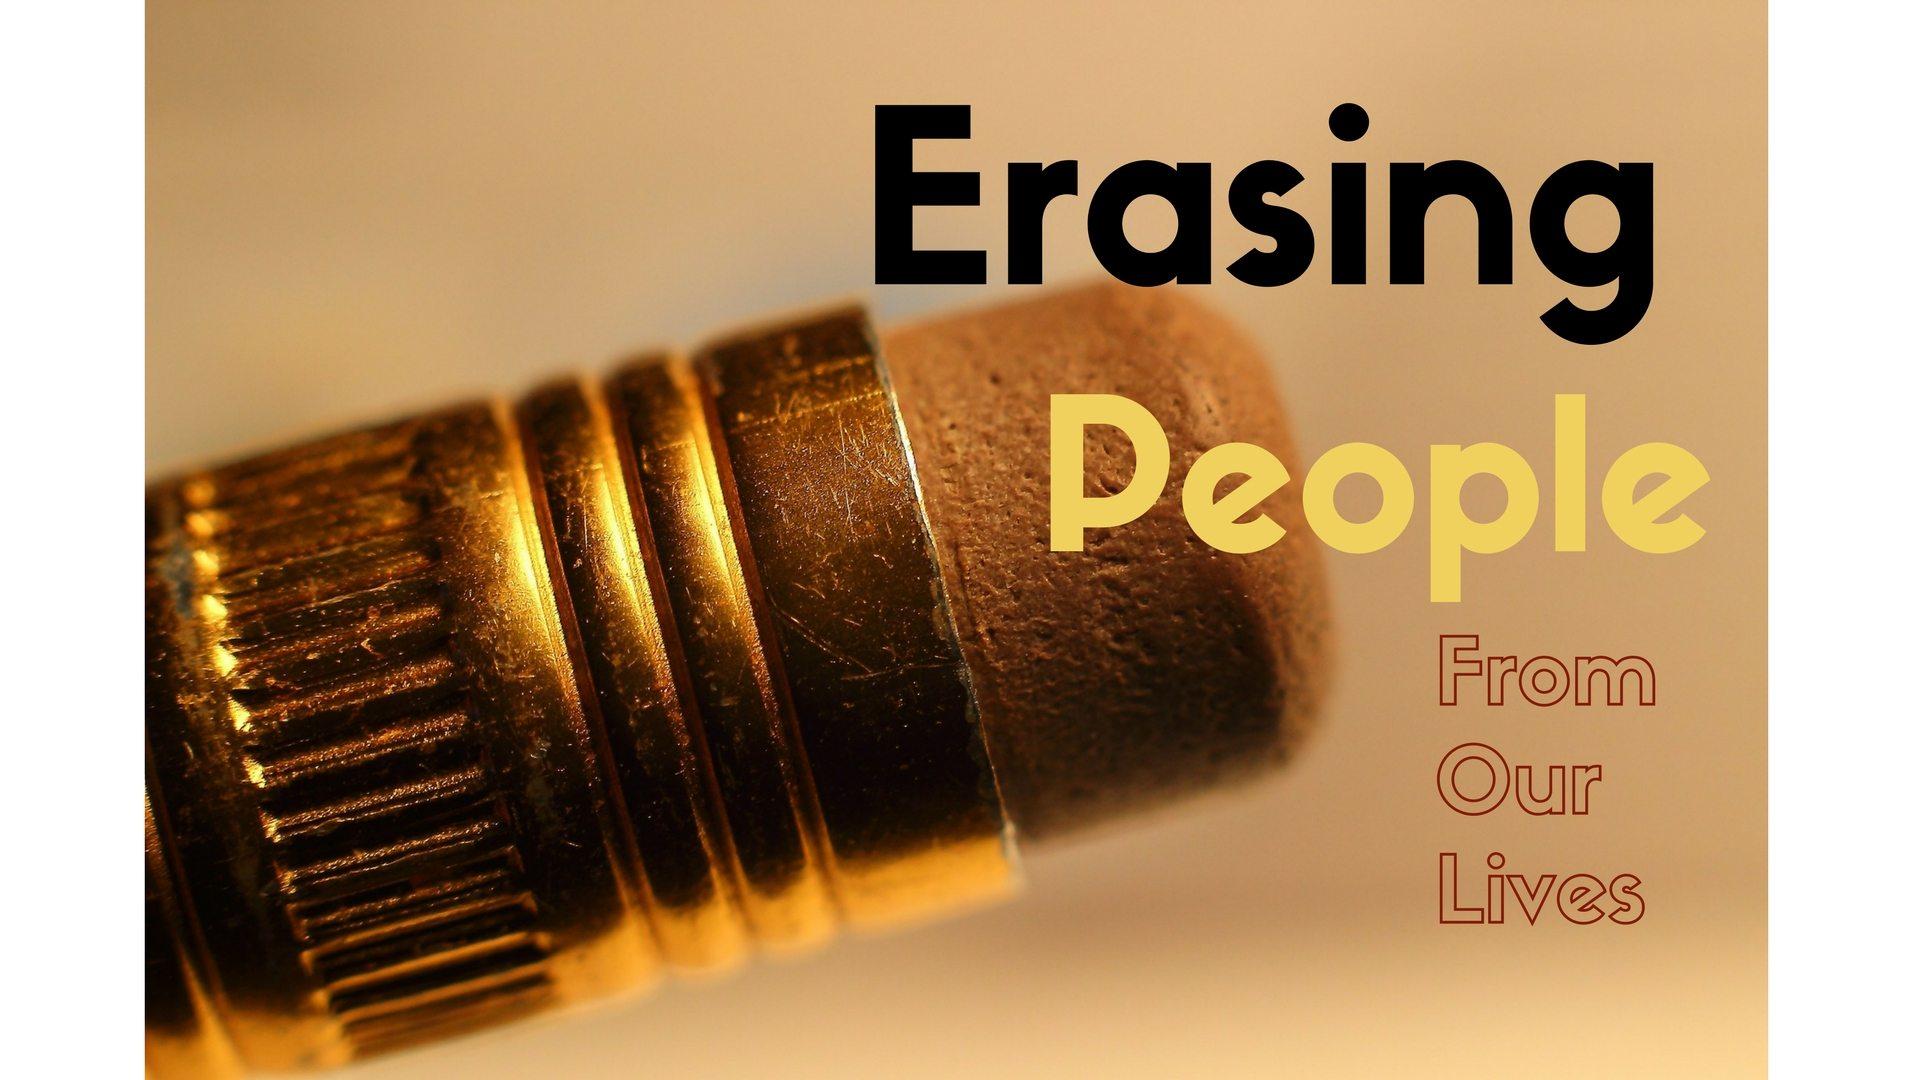 Erasing People Pixabay Canva